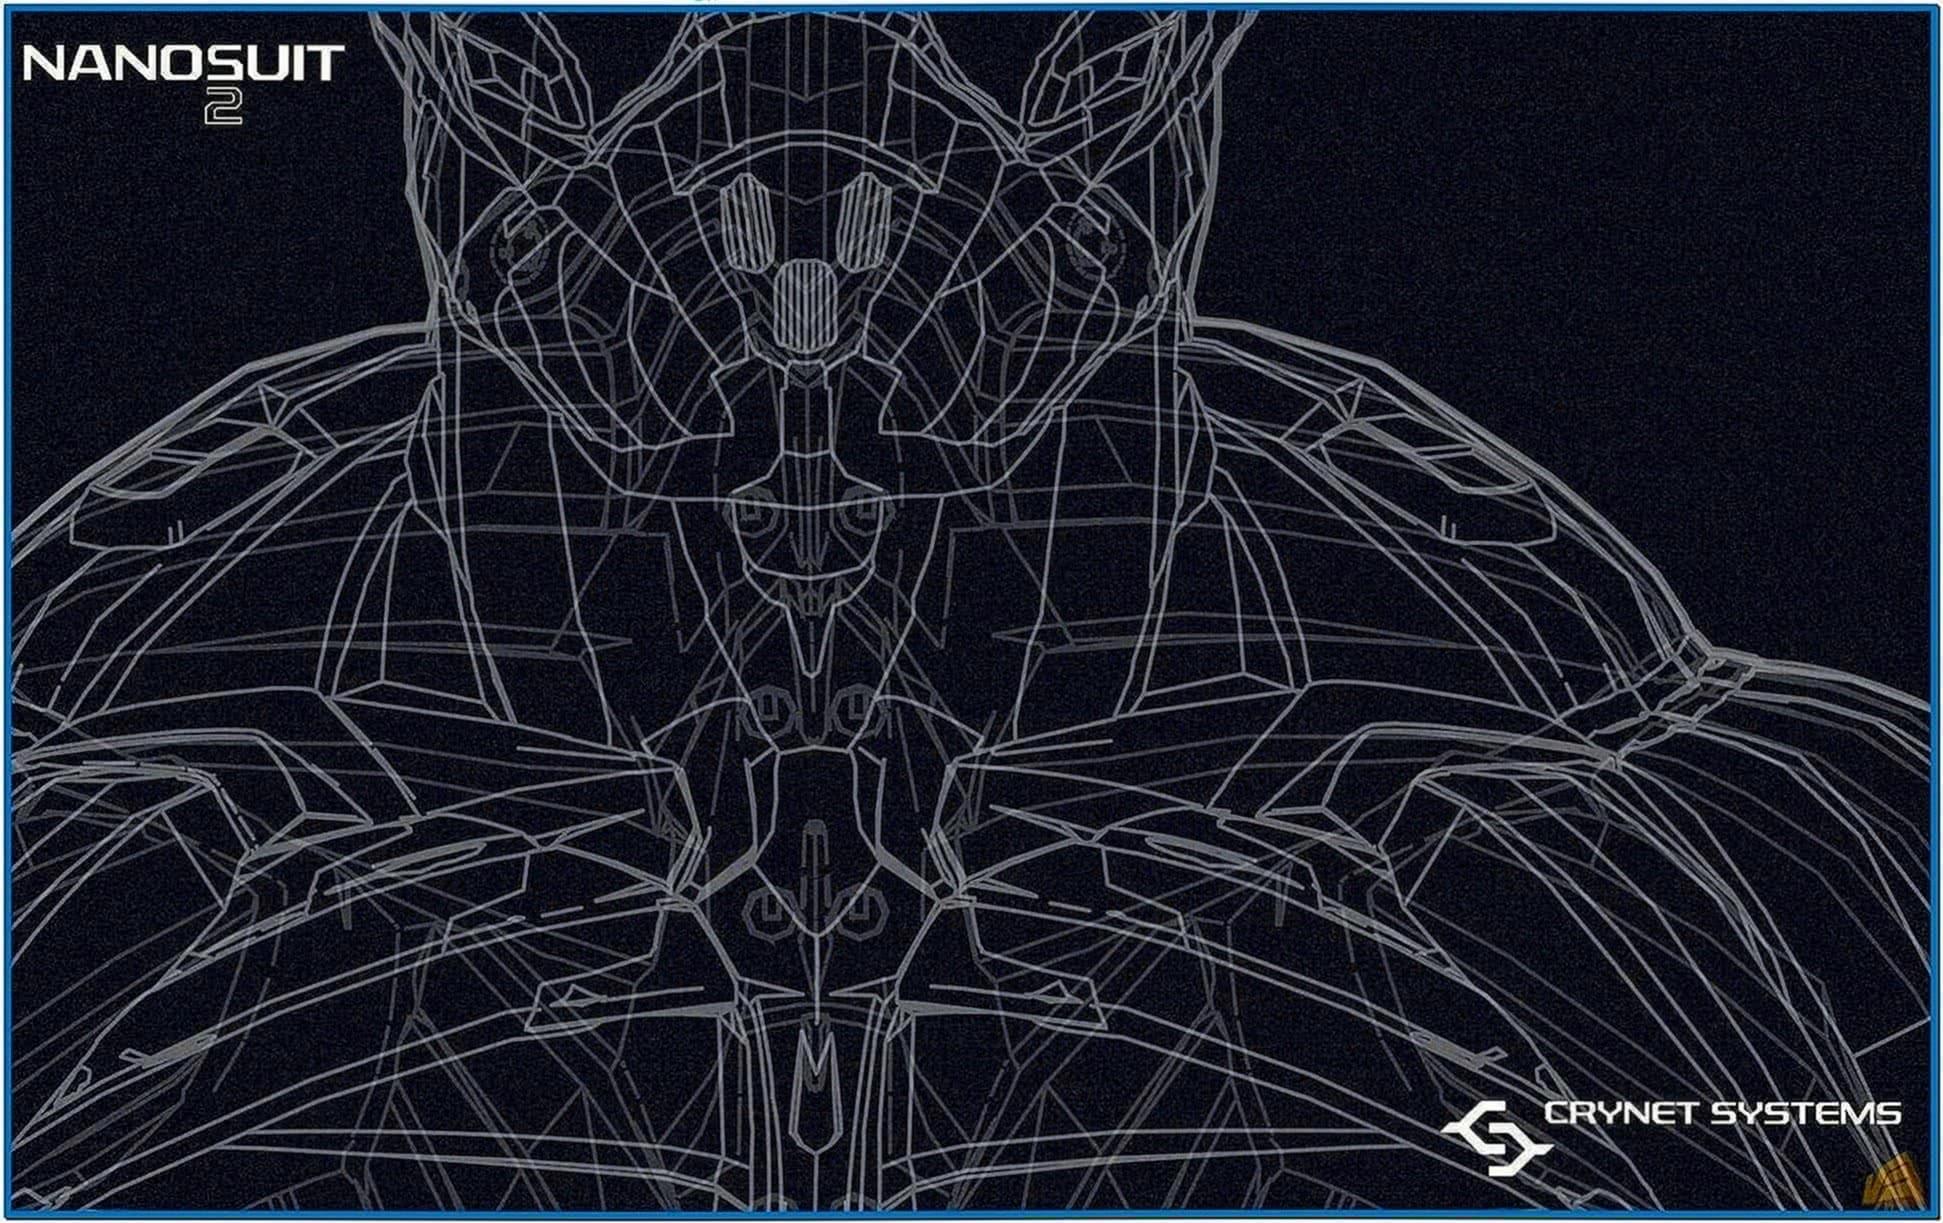 Crysis 2 nanosuit screensaver